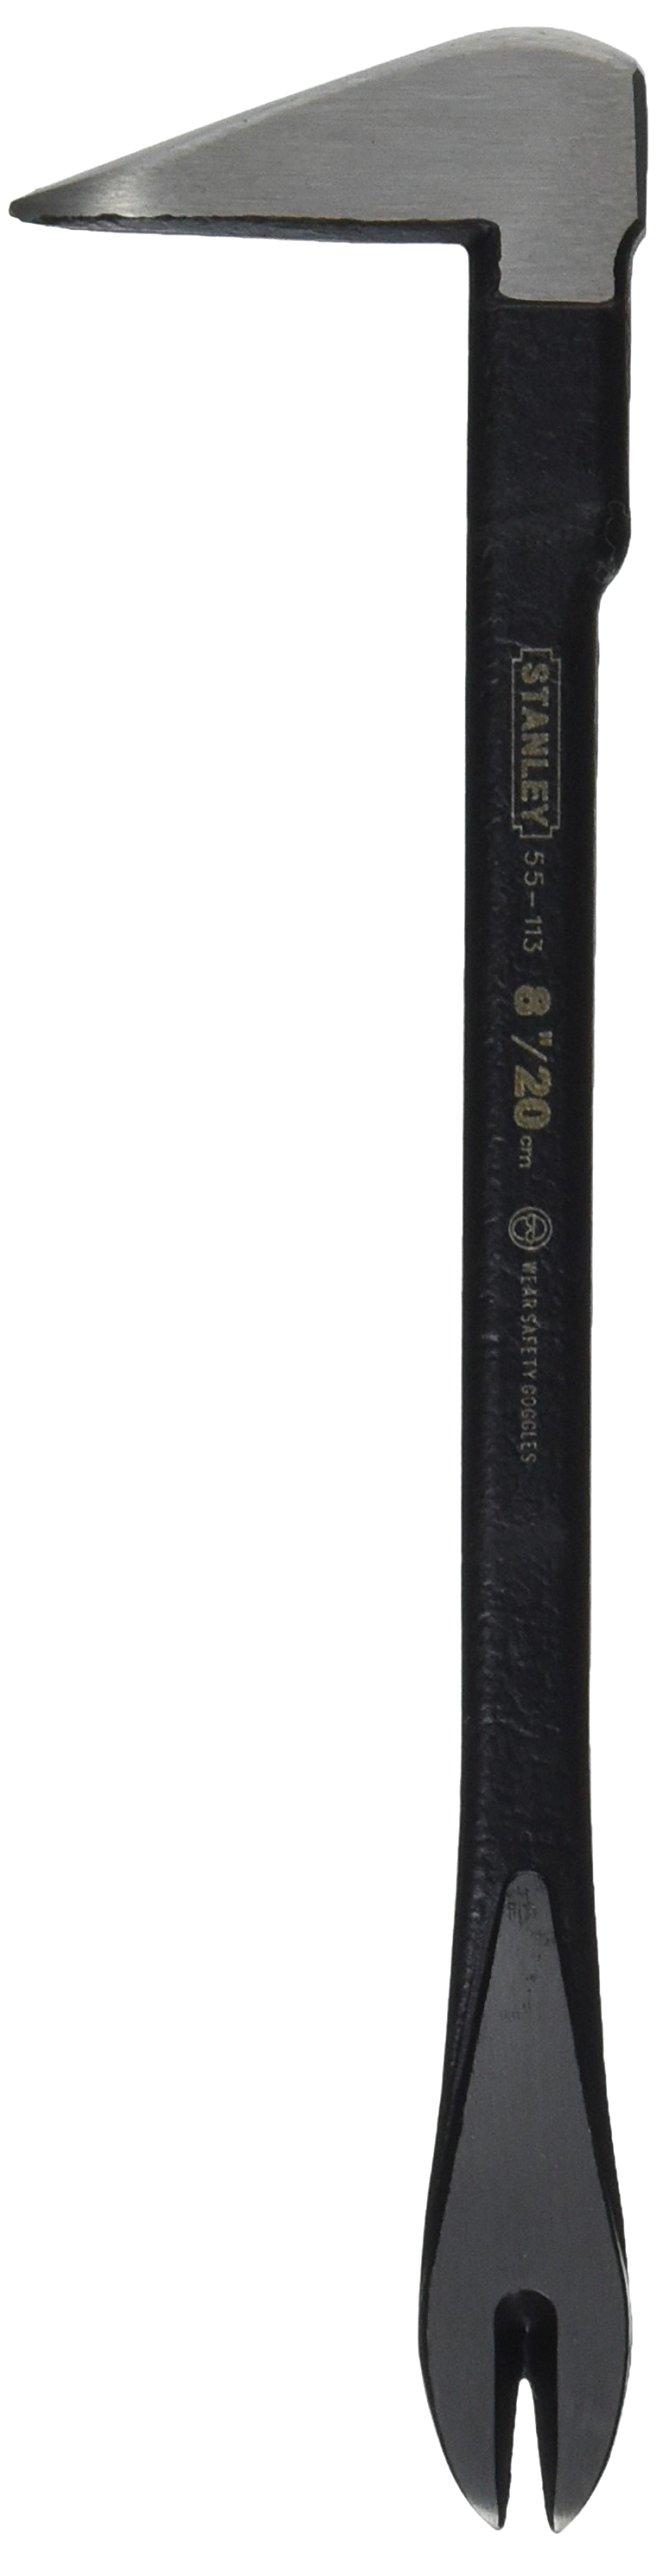 Stanley 55-113 8-Inch Claw Bar